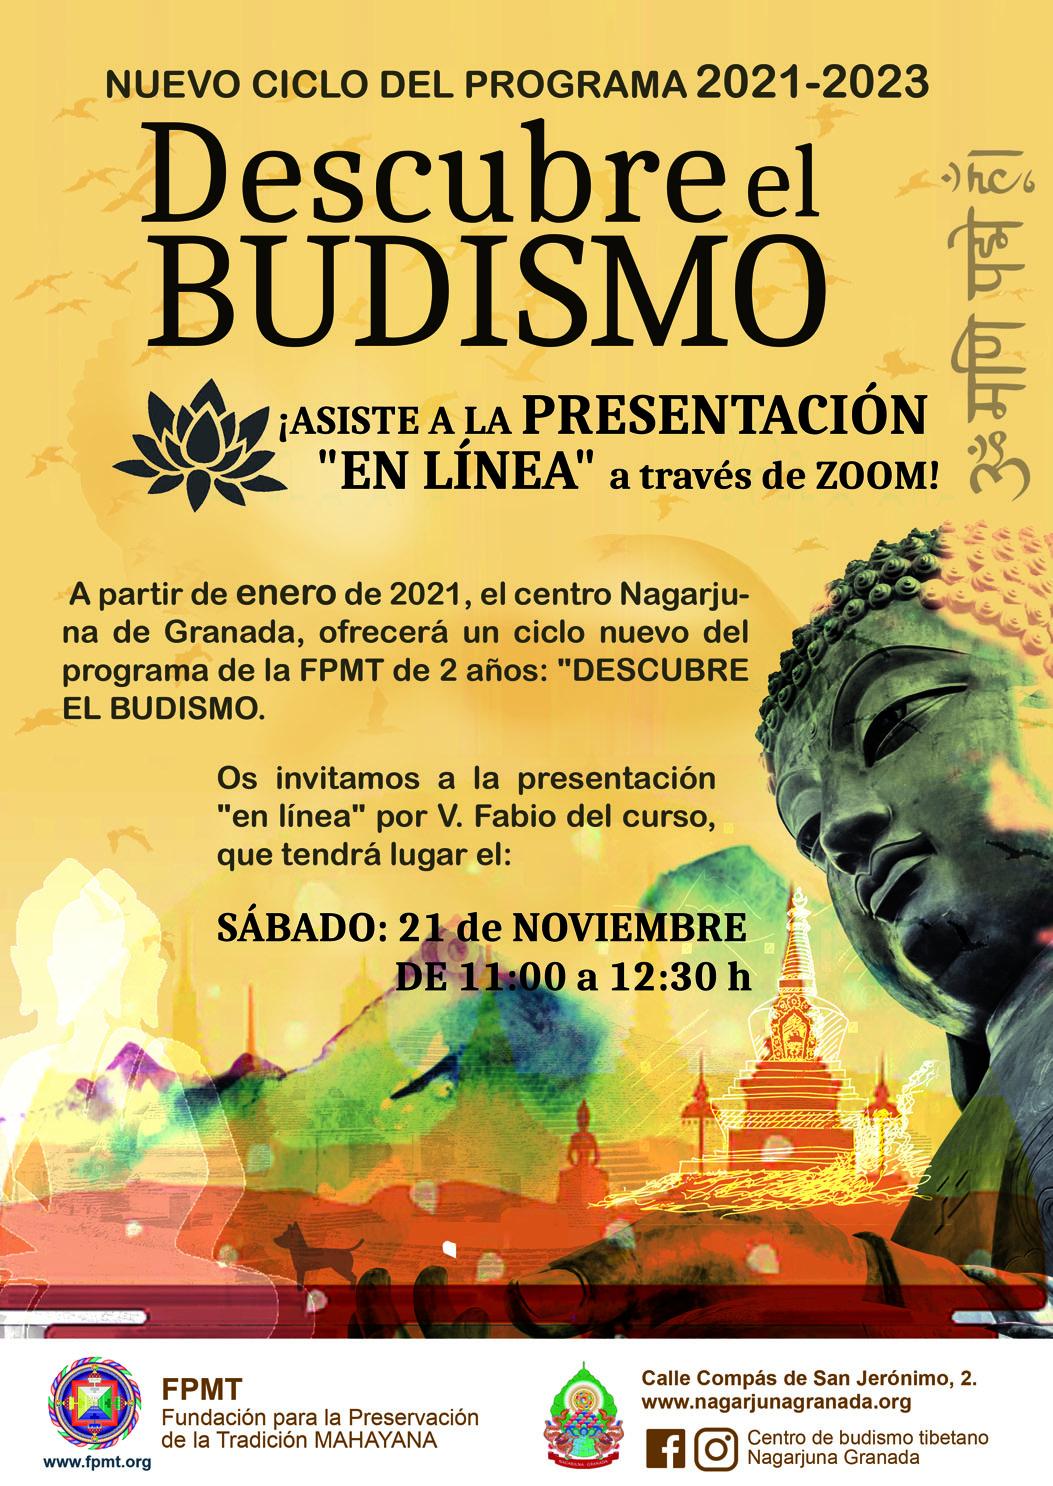 Descubre el Budismo. Nagarjuna Granada